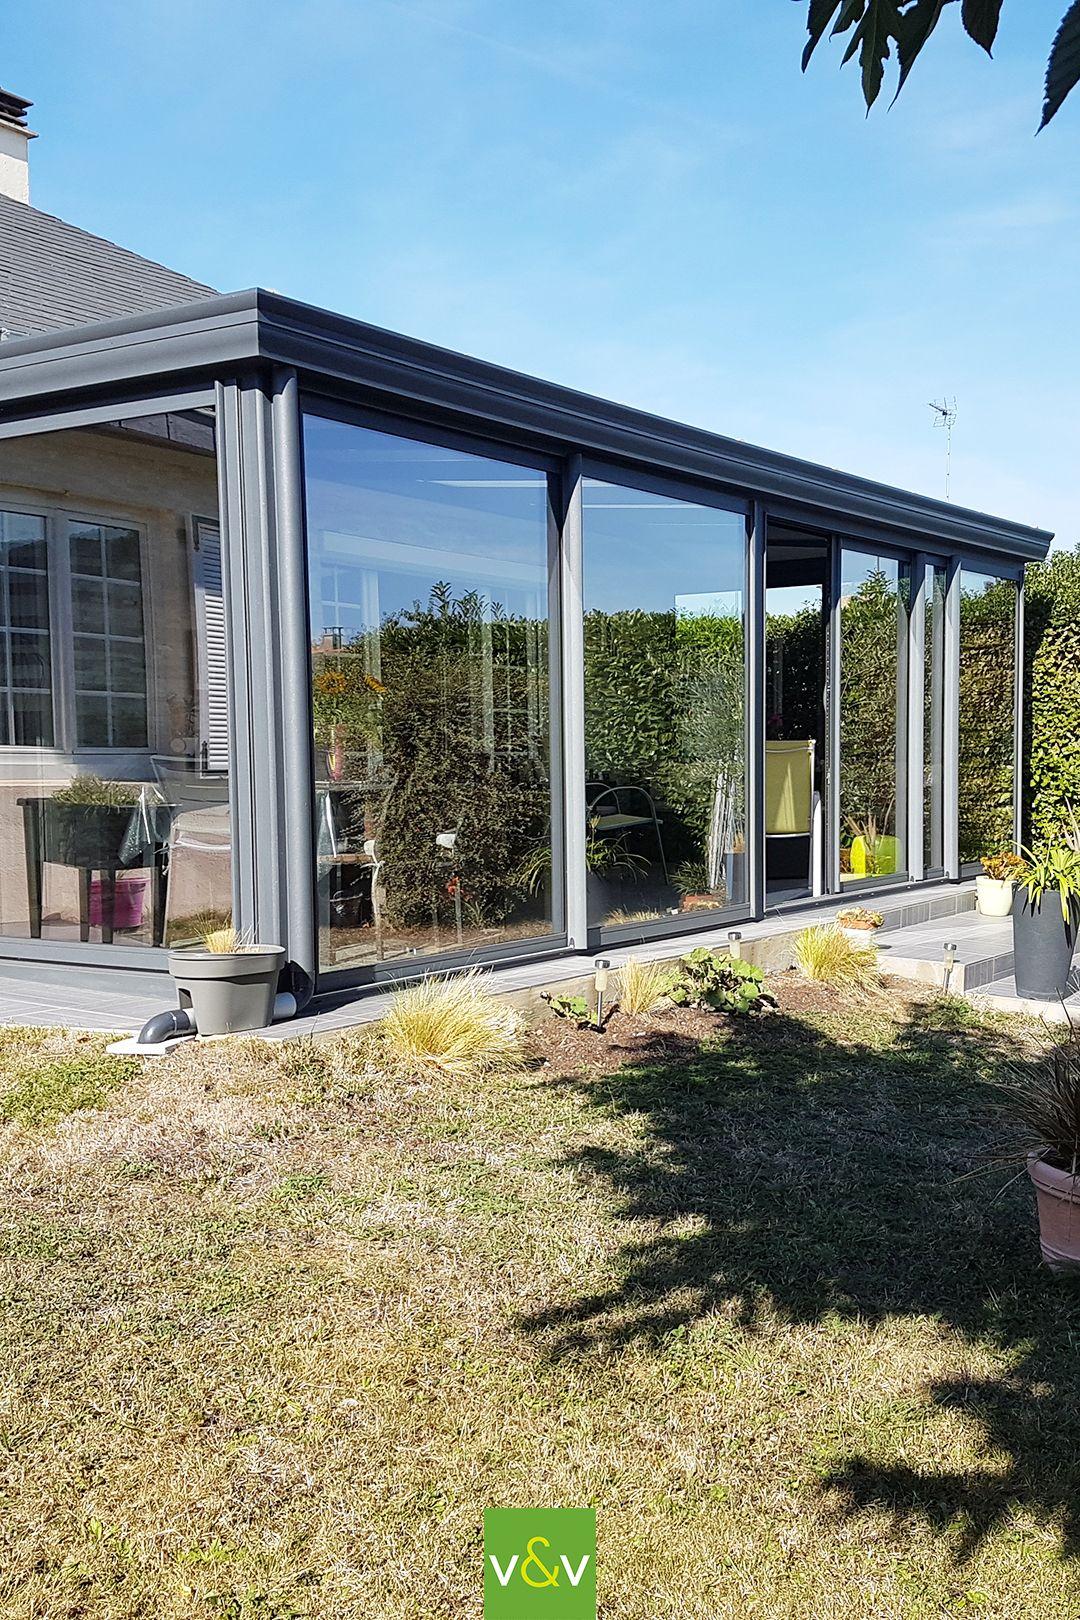 Une véranda aluminium à Angers (49) en 2020 | Veranda aluminium, Veranda moderne, Veranda